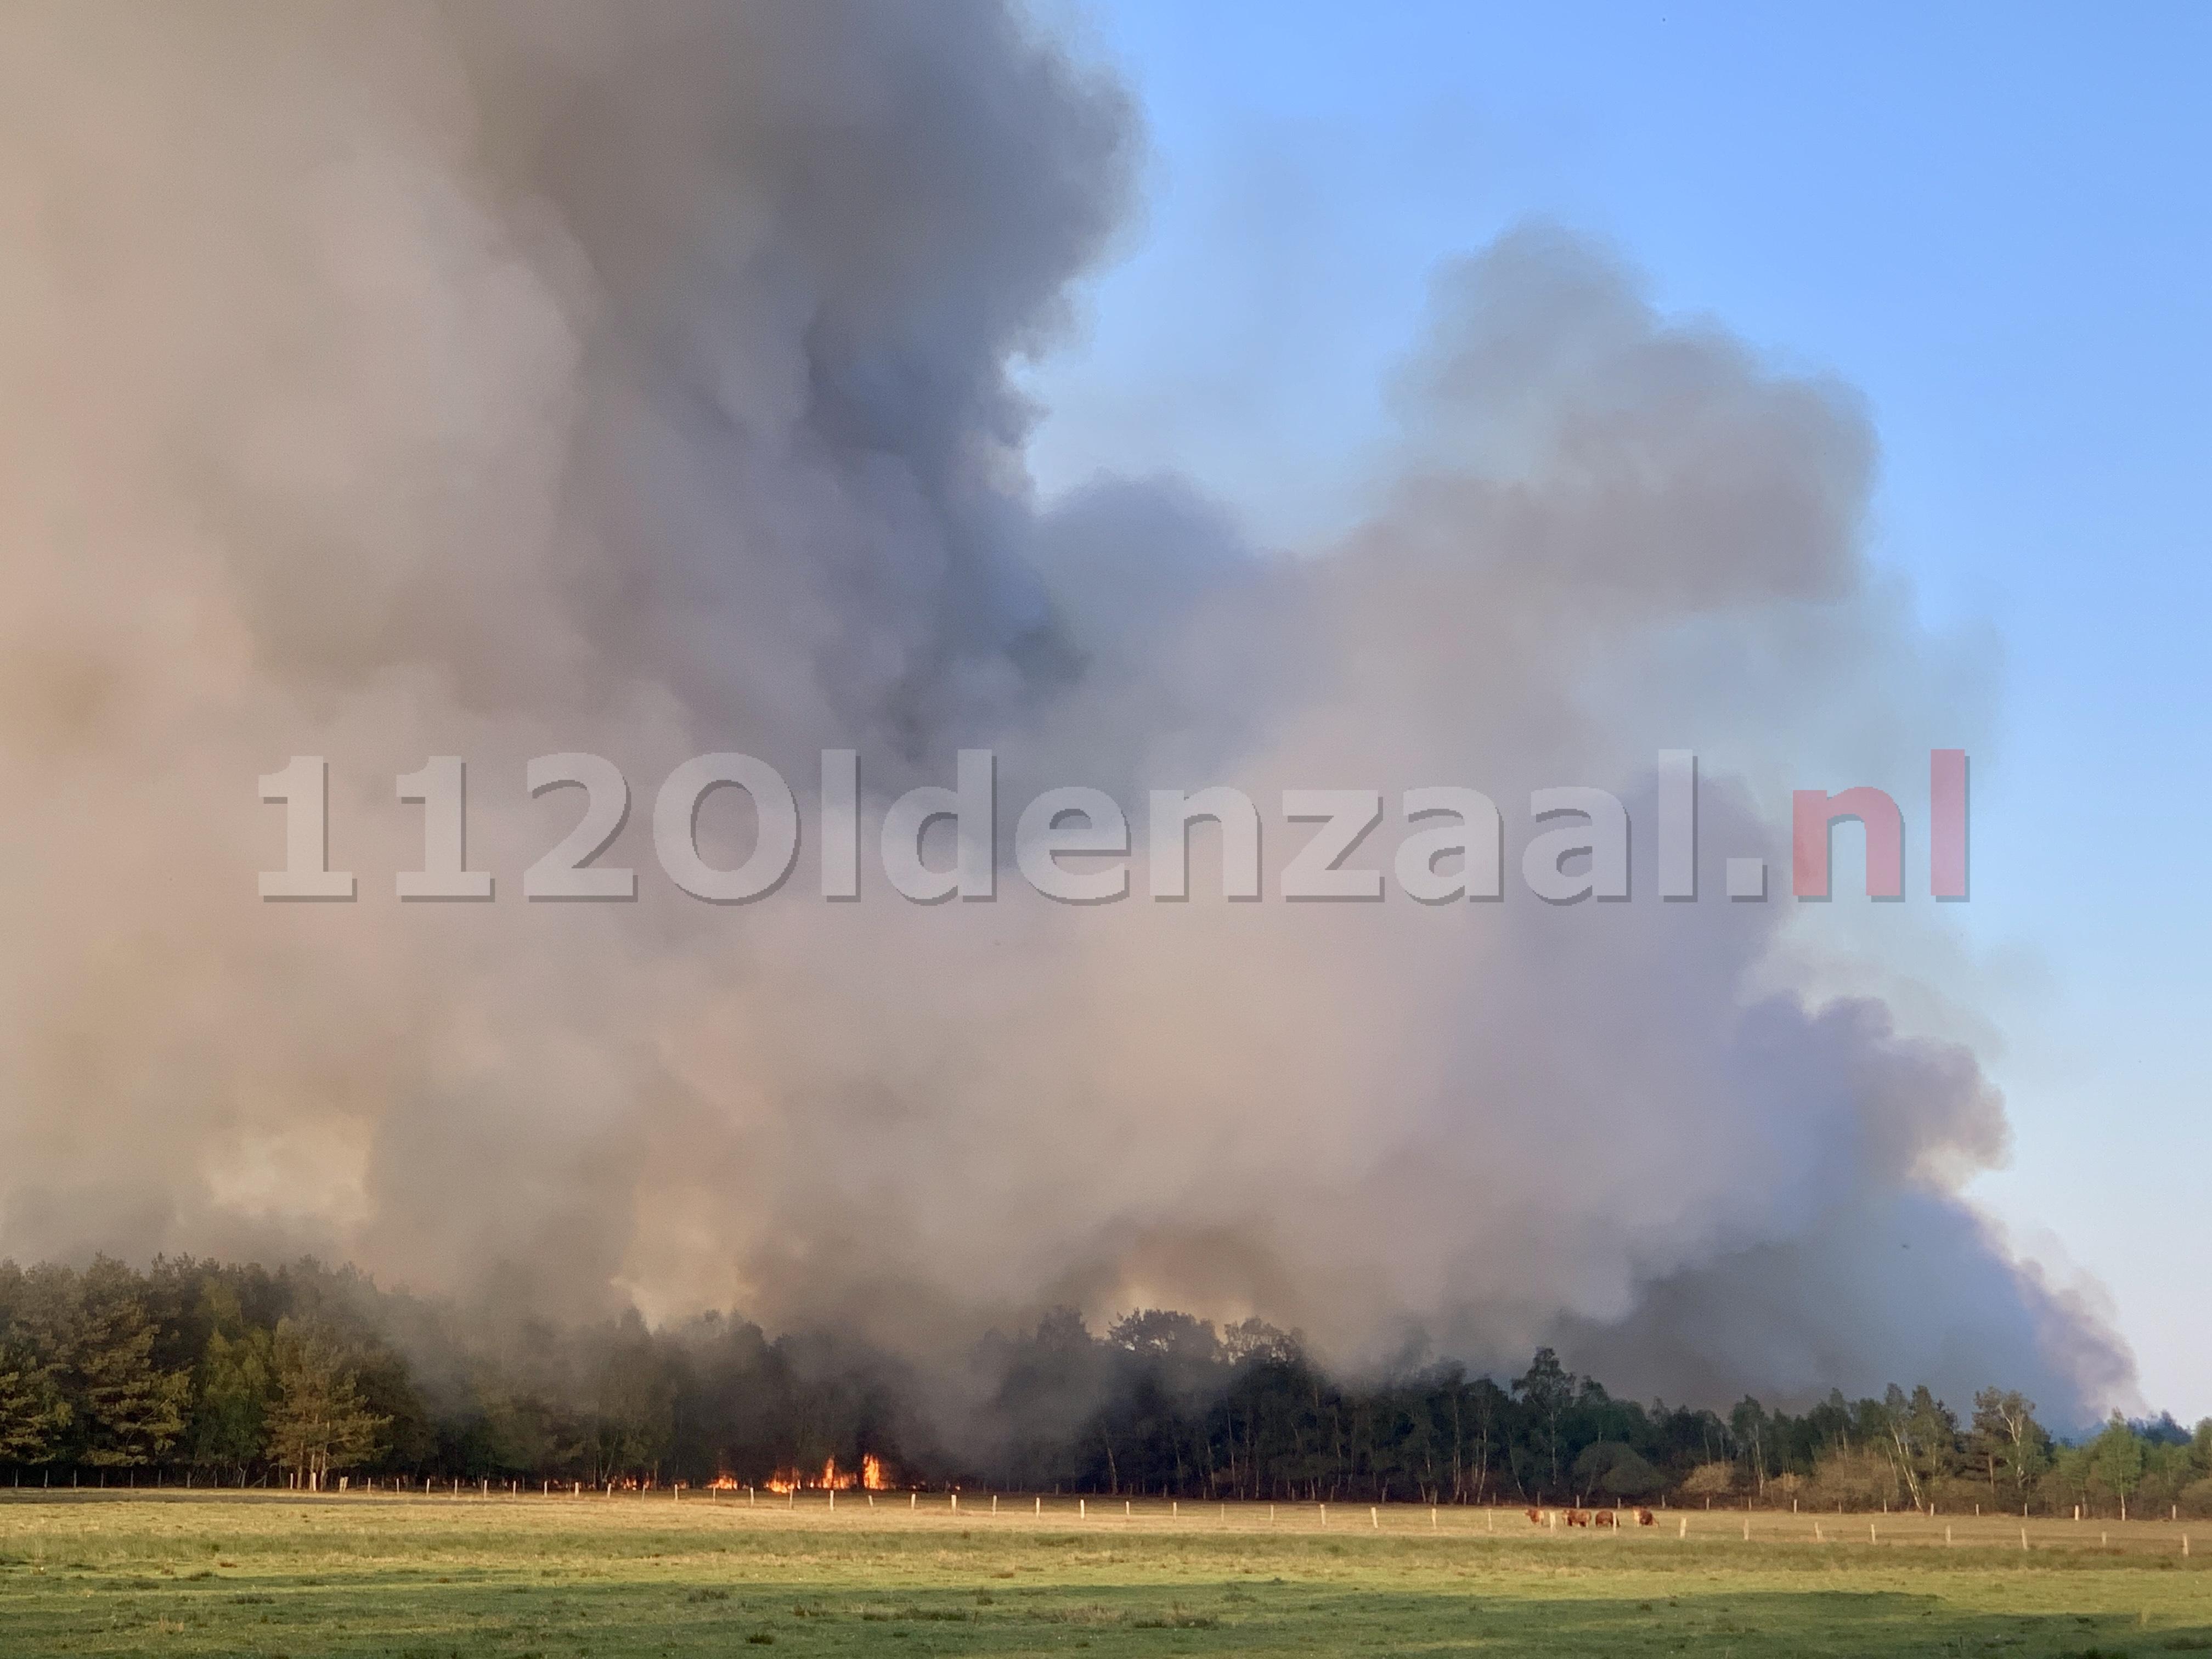 VIDEO: Grote rookontwikkeling bij grote veenbrand net over de grens in Duitsland